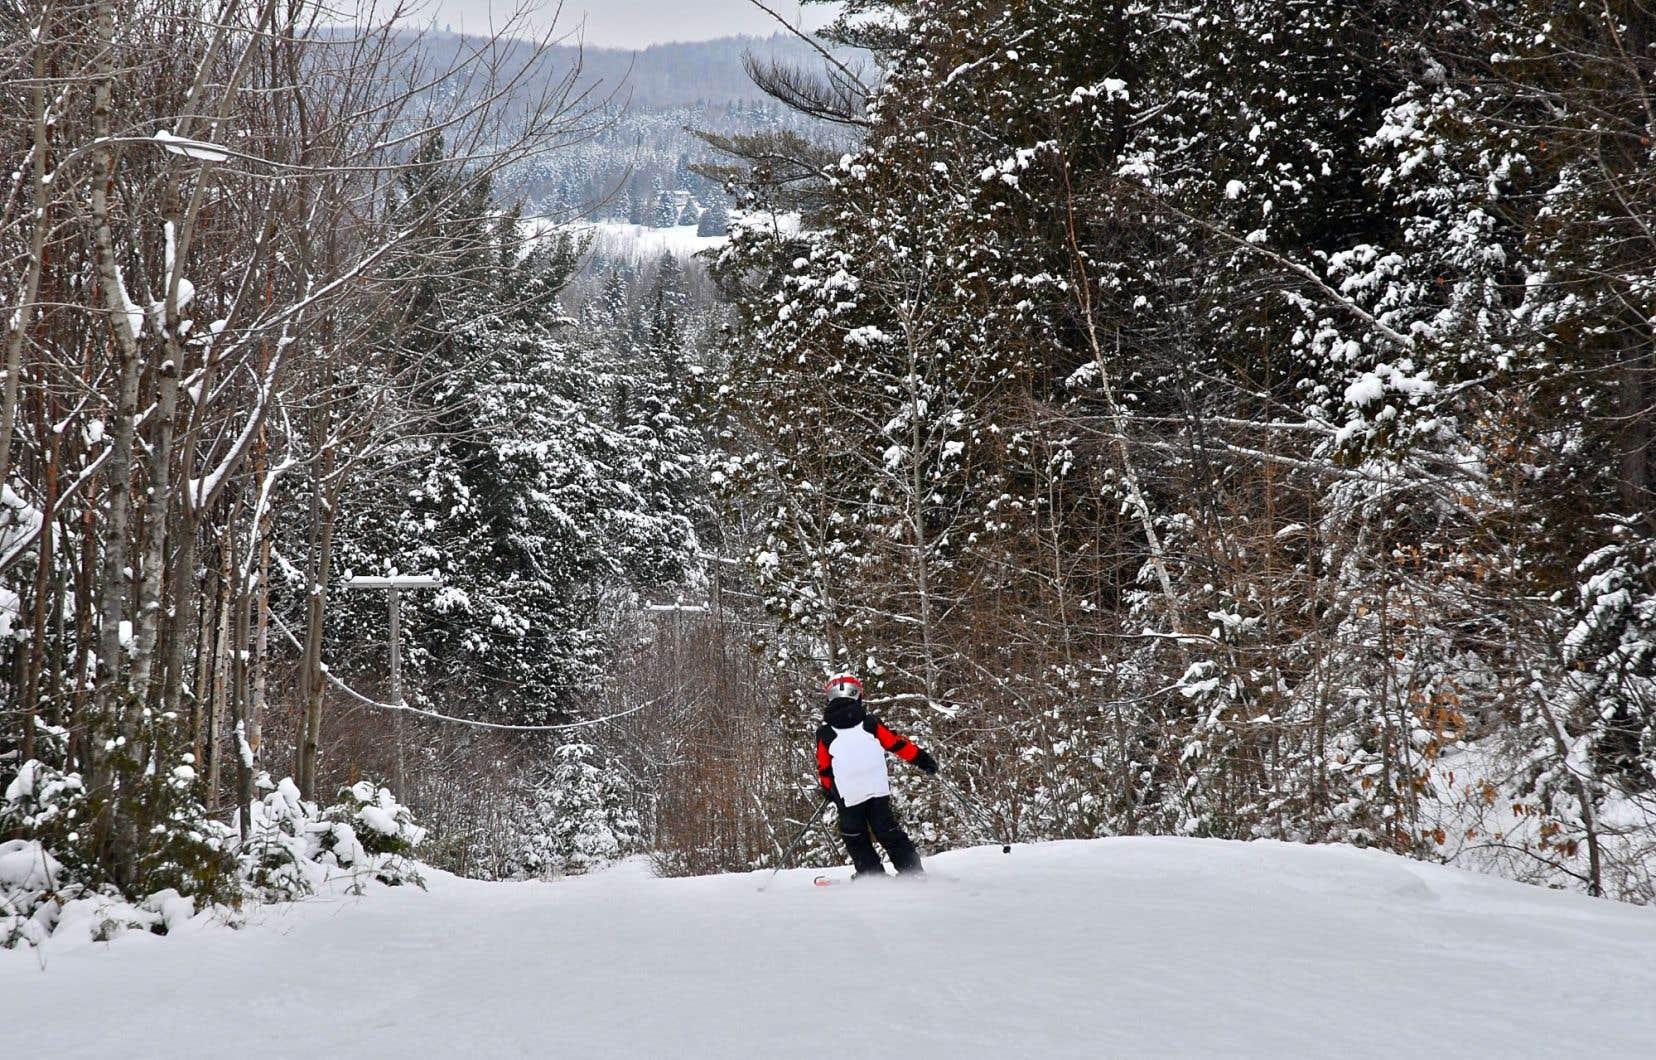 Répartie sur trois versants et dotée de 150 mètres de dénivelé, la station Ski Montcalm compte 24 pistes, dont l'essentiel est de niveau débutant. Certaines forment de jolis couloirs plutôt étroits où on se sent plus près de la forêt.